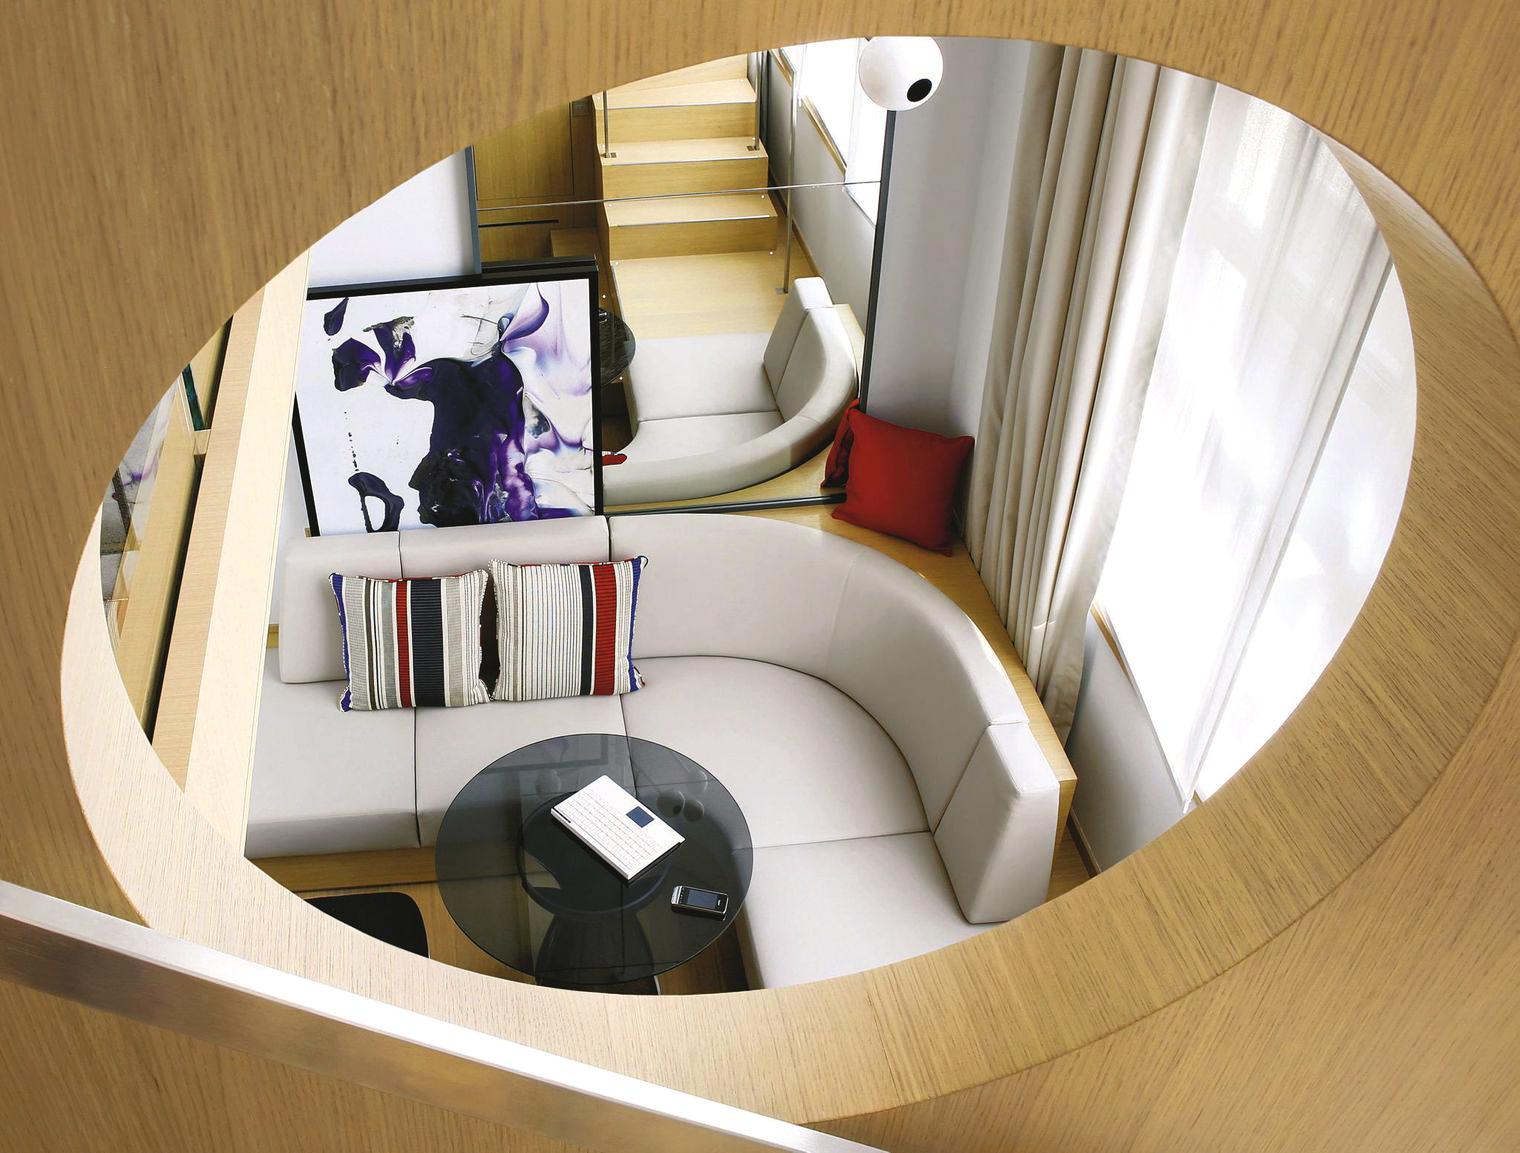 le-salon-de-l-hotel-cinq-codet-et-son-mobilier-design_5327245